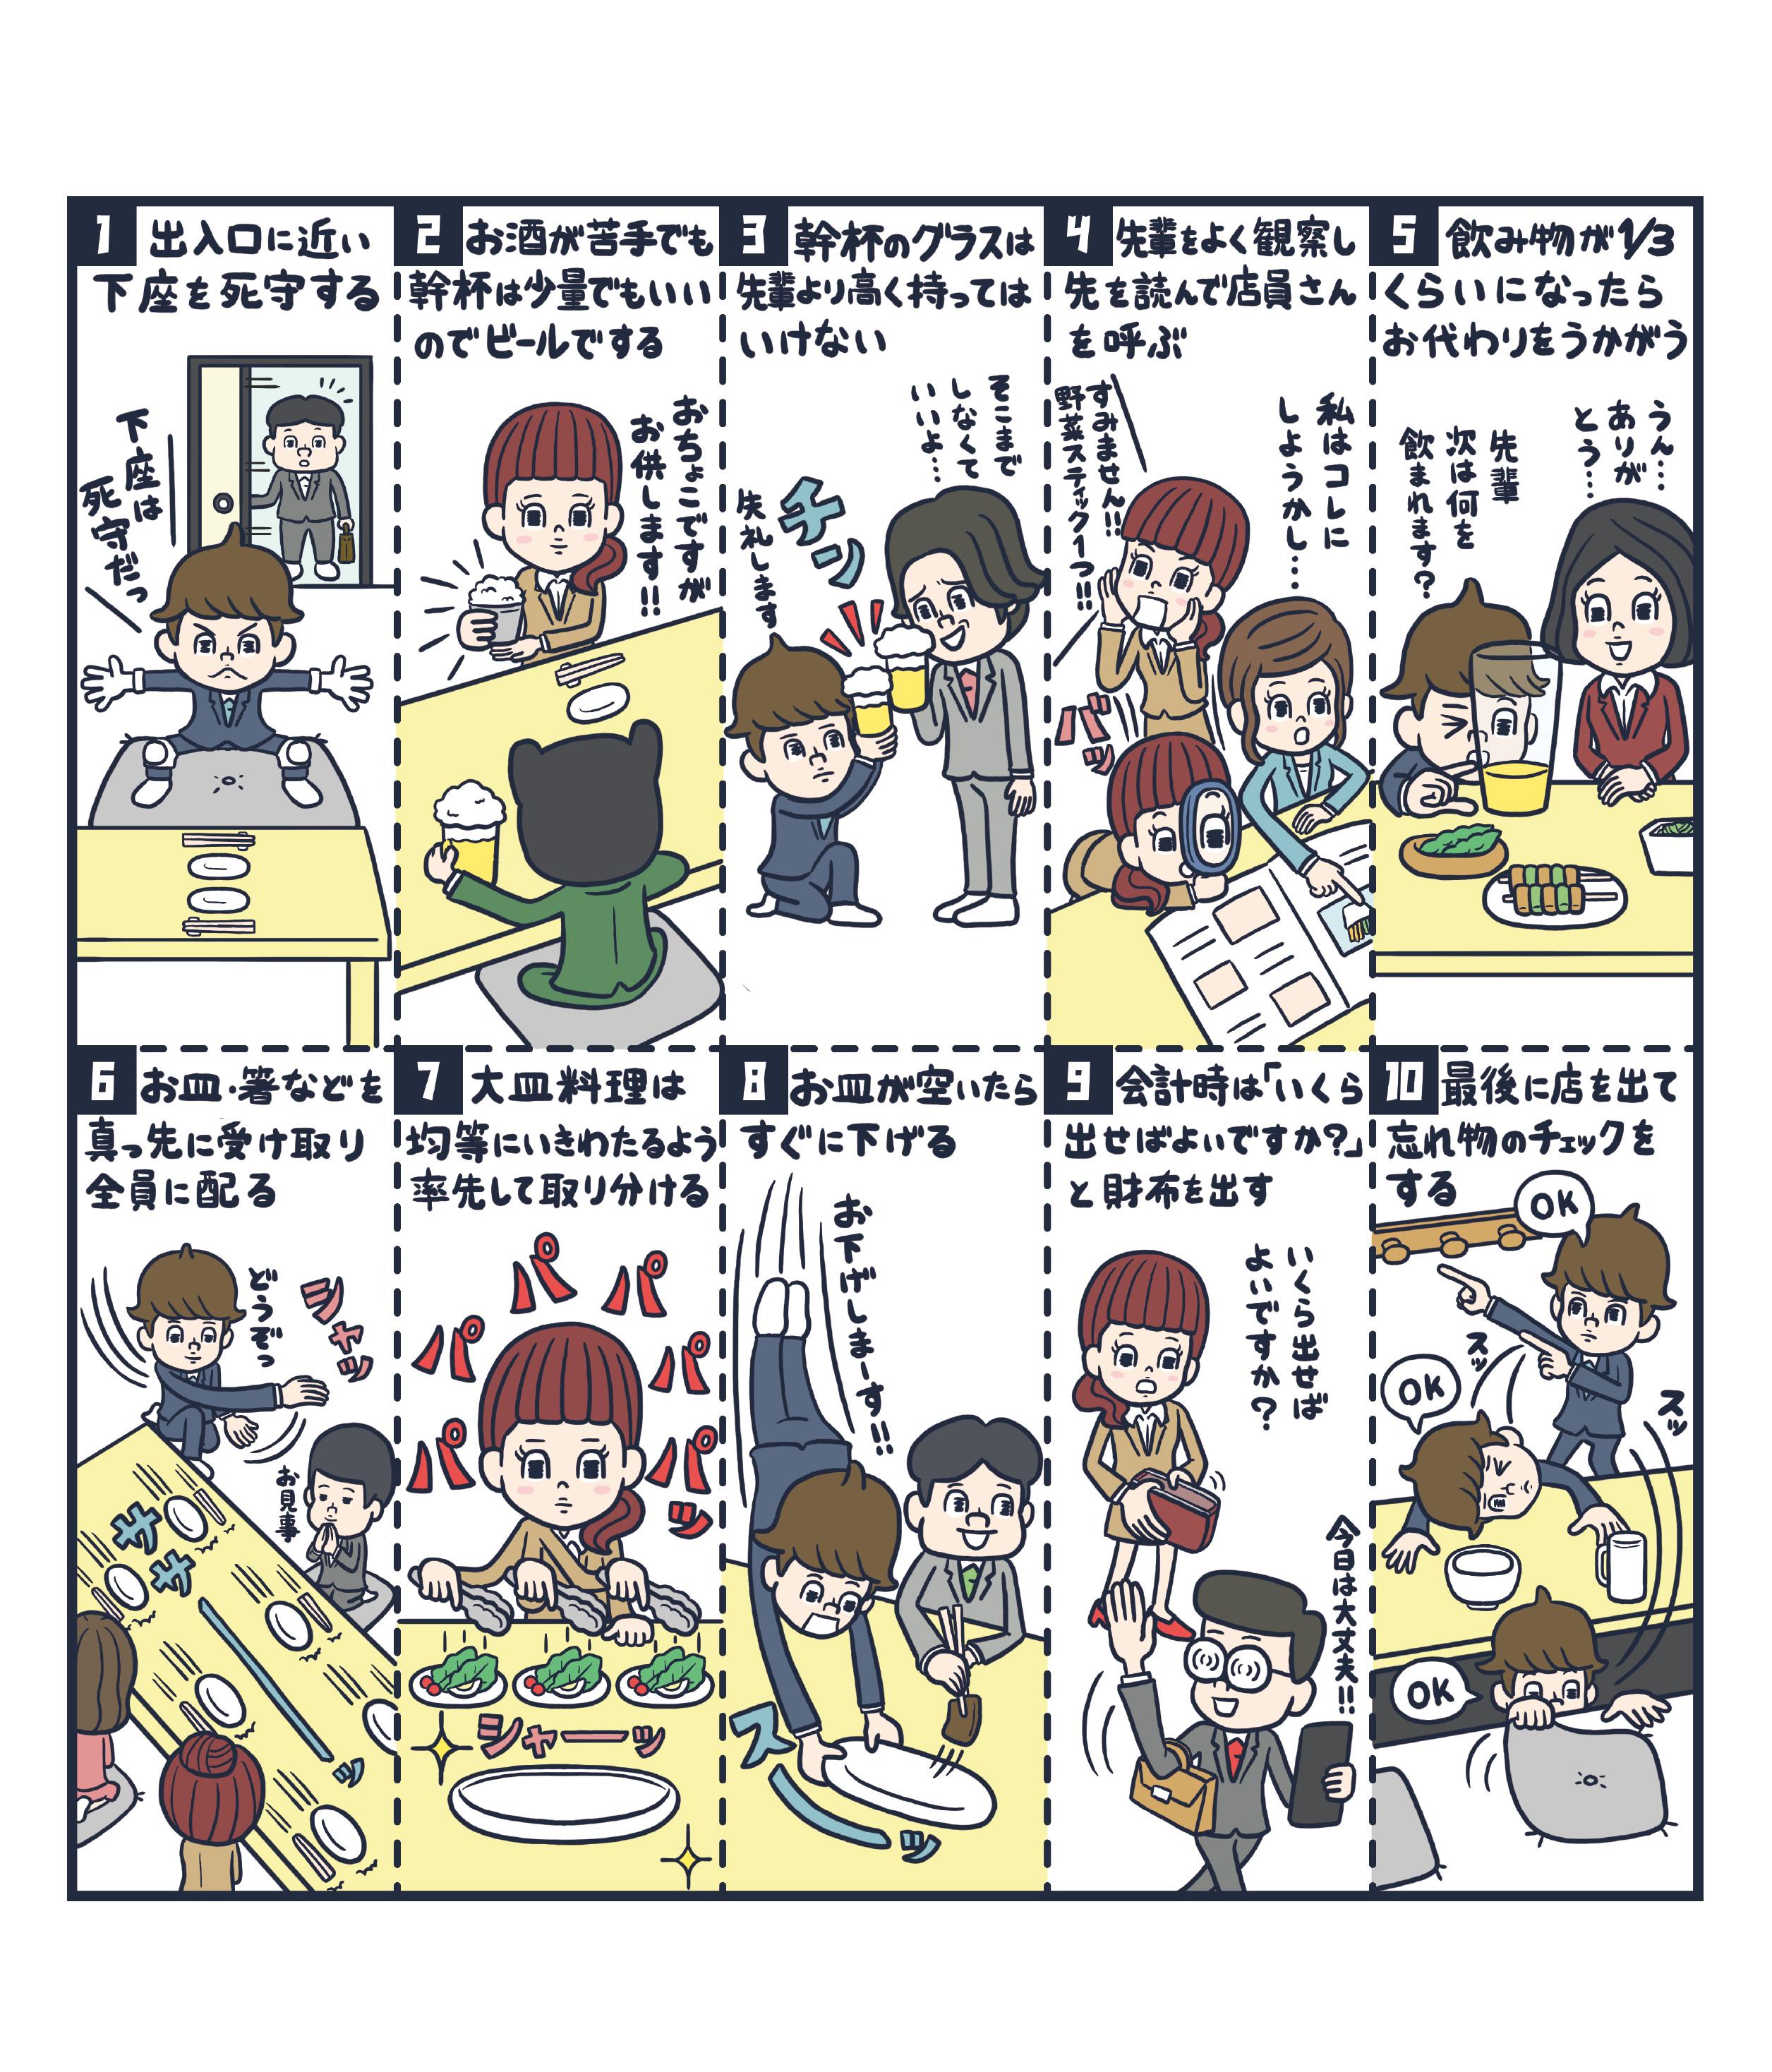 大塚商会 内定者新聞